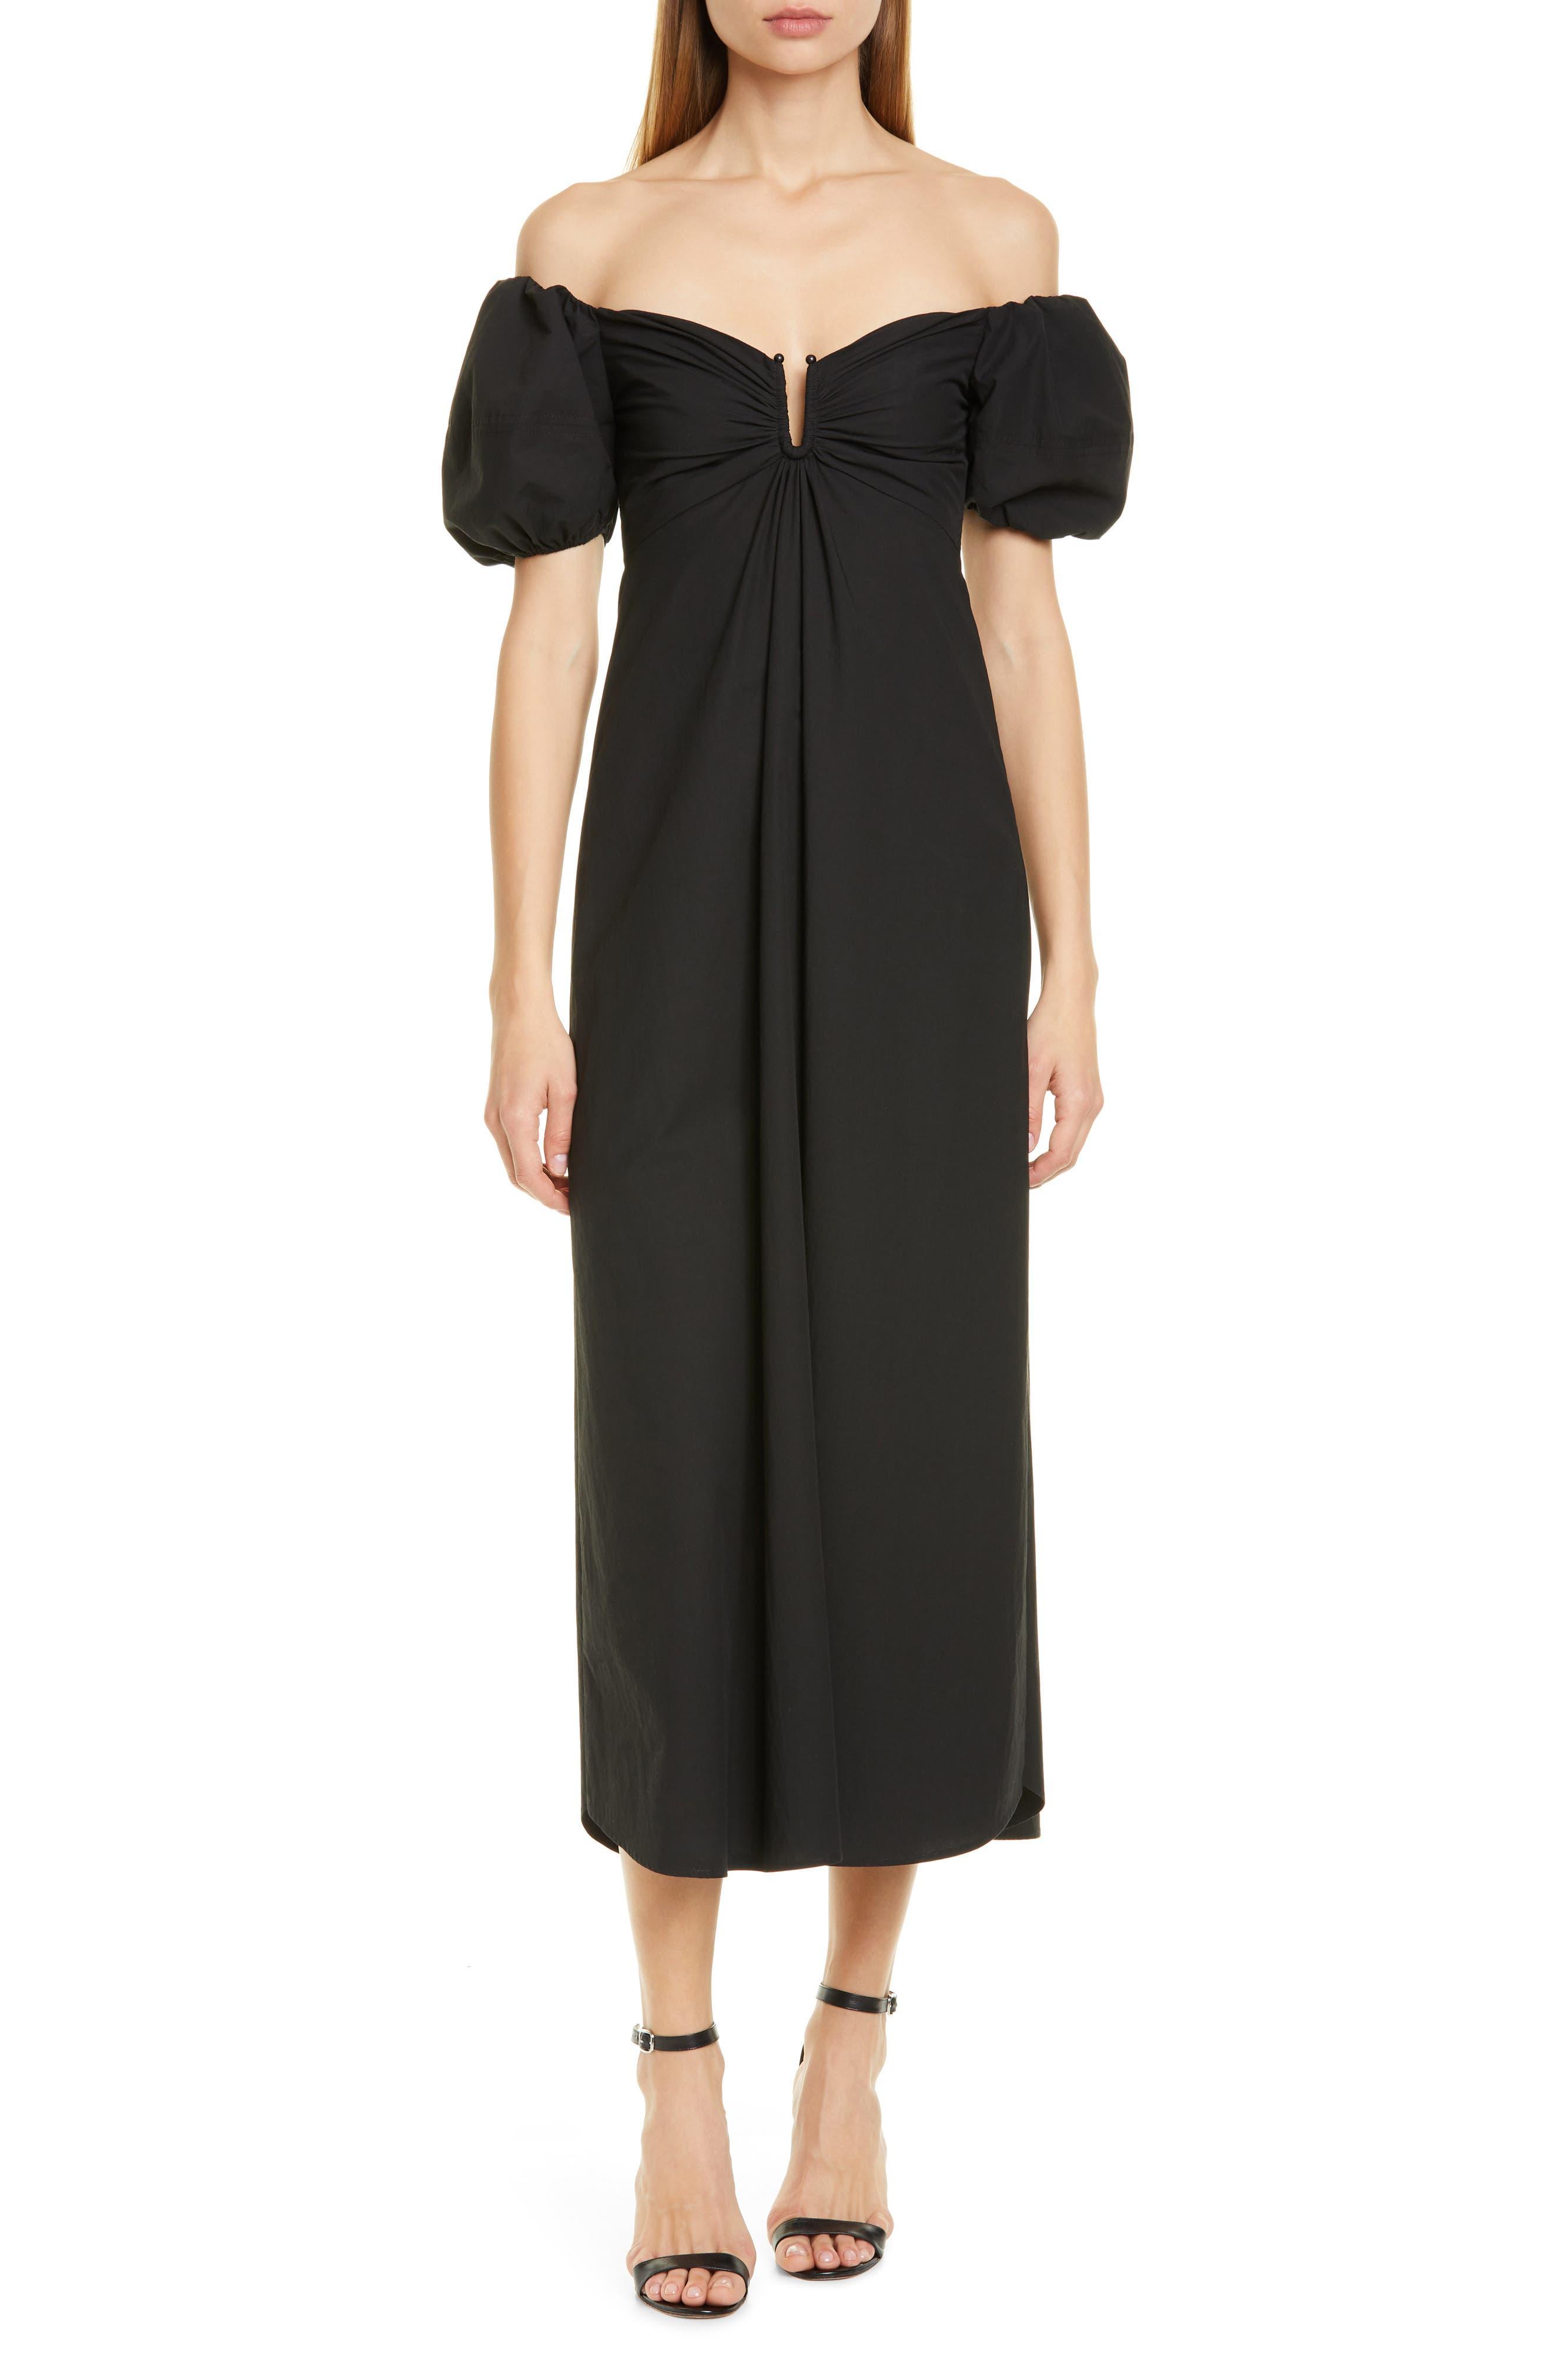 A.l.c. Marilyn Off The Shoulder Midi Dress, Black